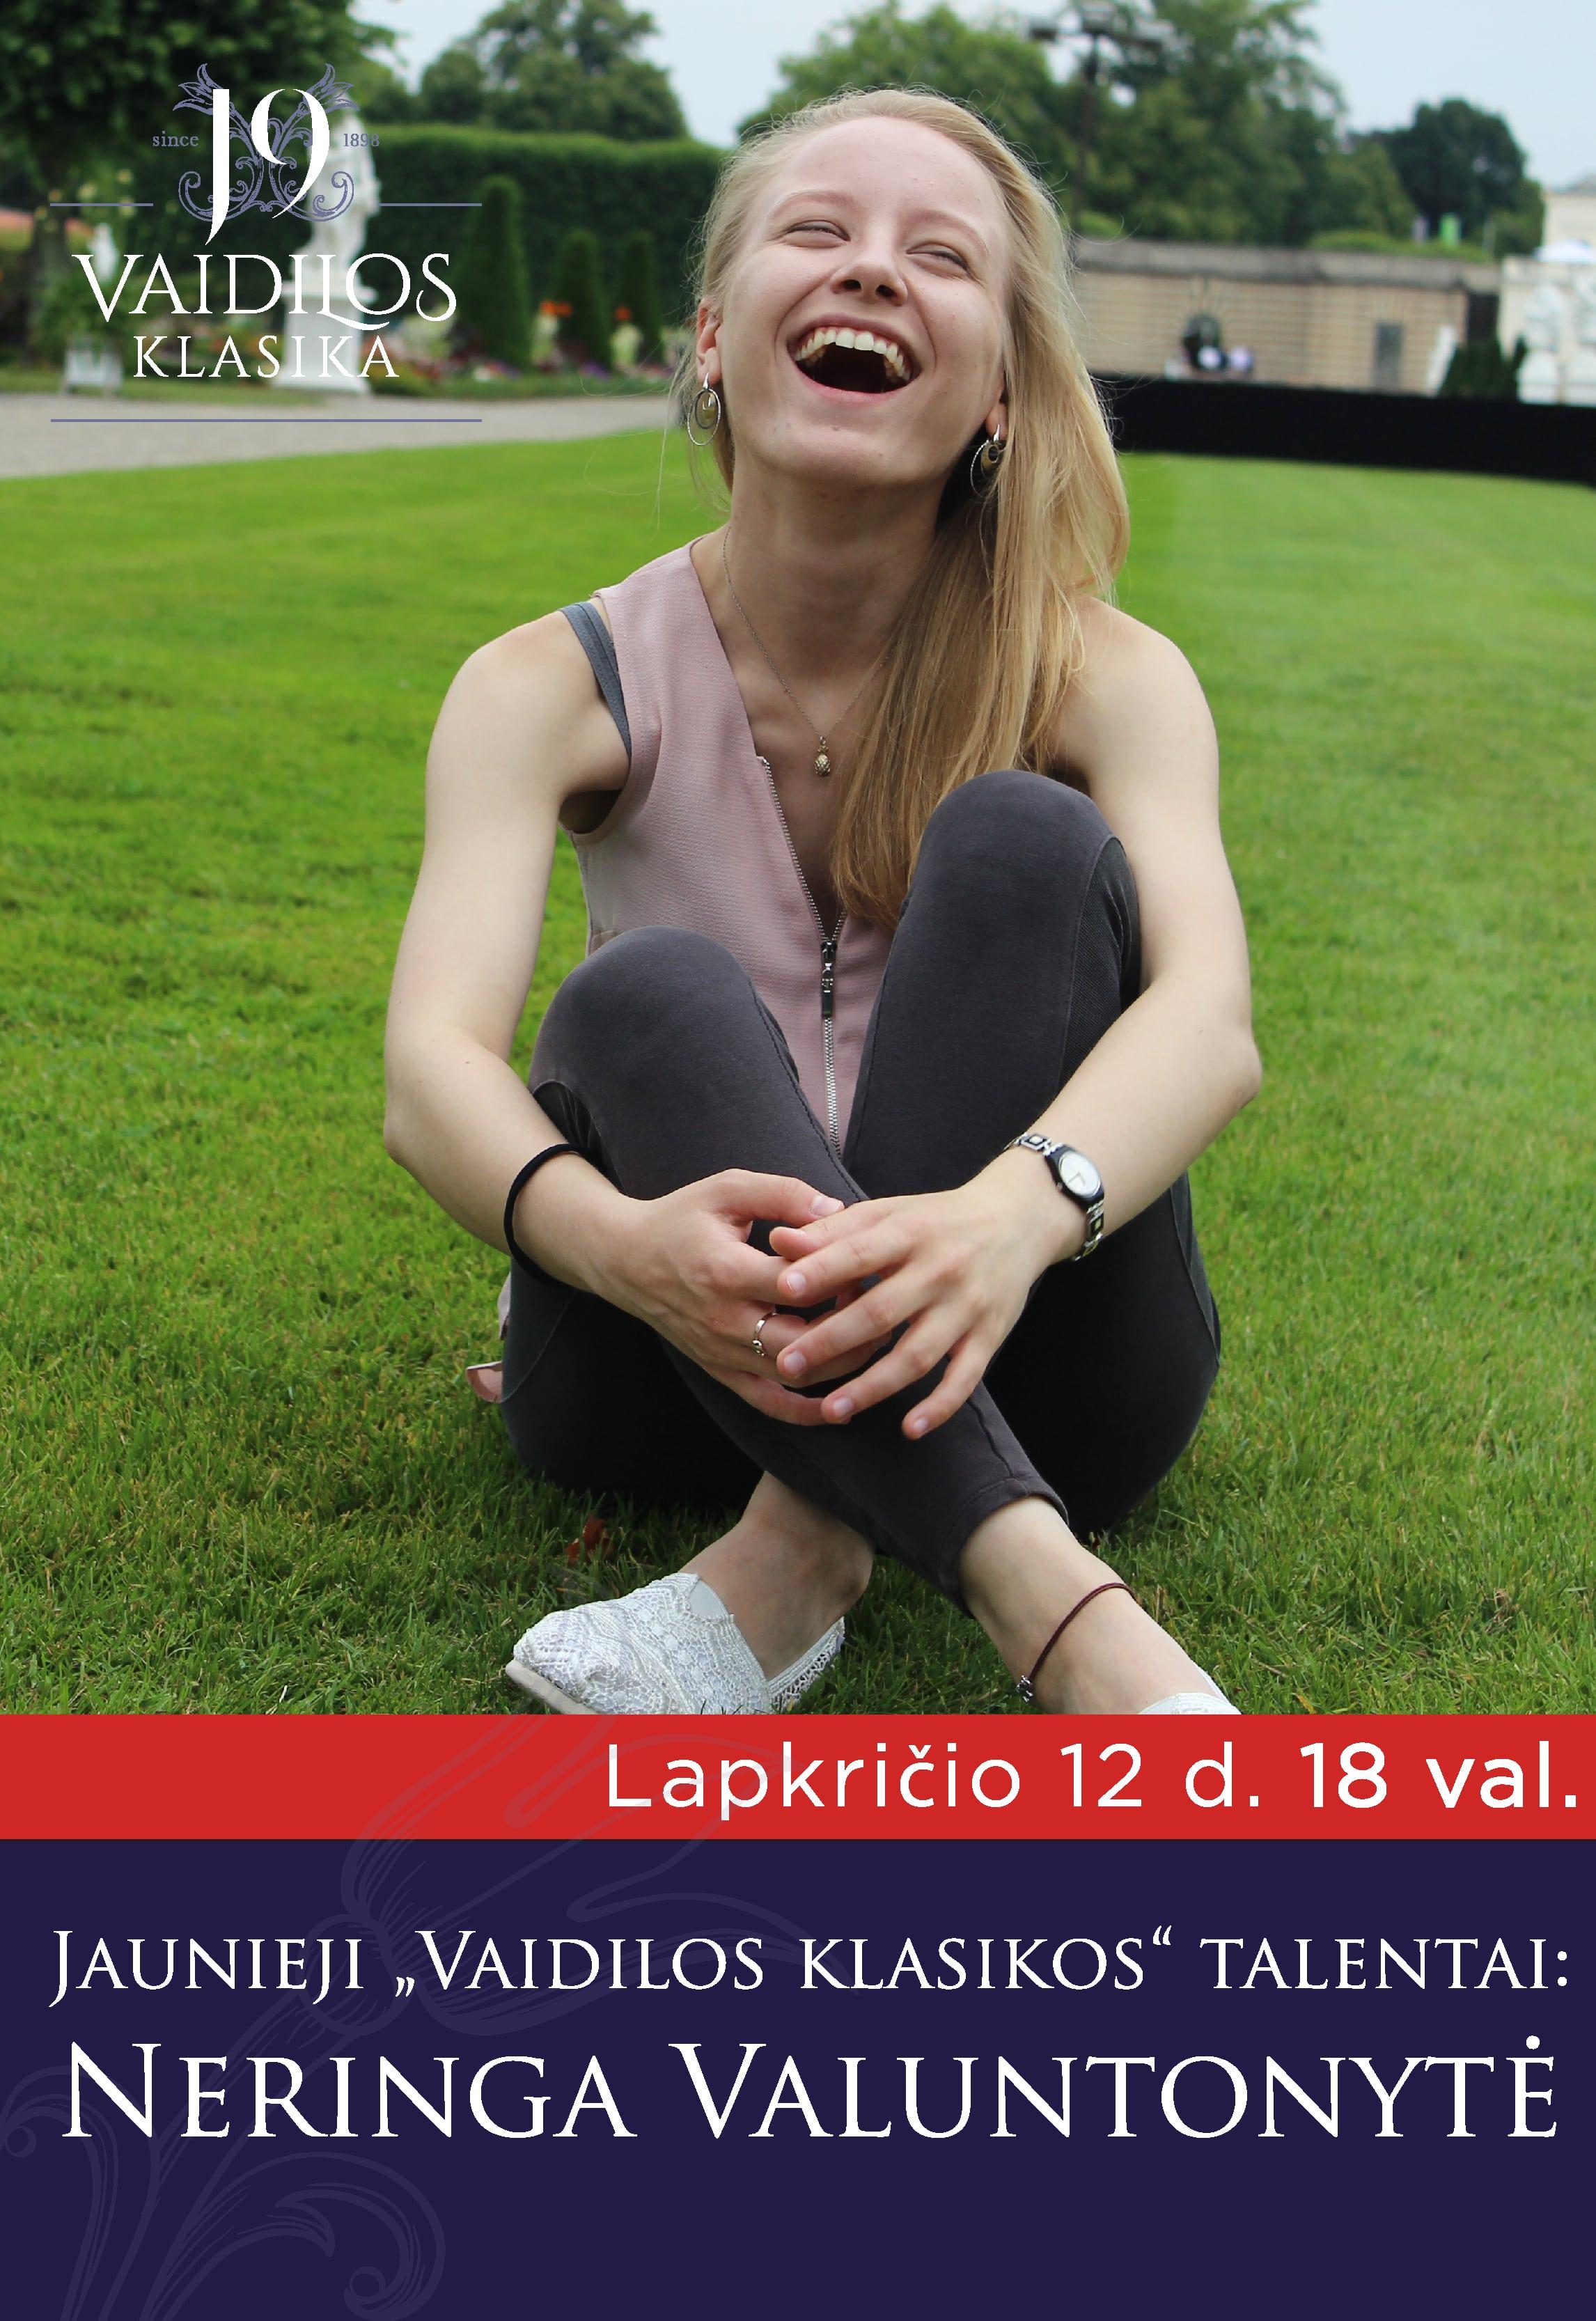 Jaunieji ''Vaidilos klasikos'' talentai: Neringa Valuntonytė